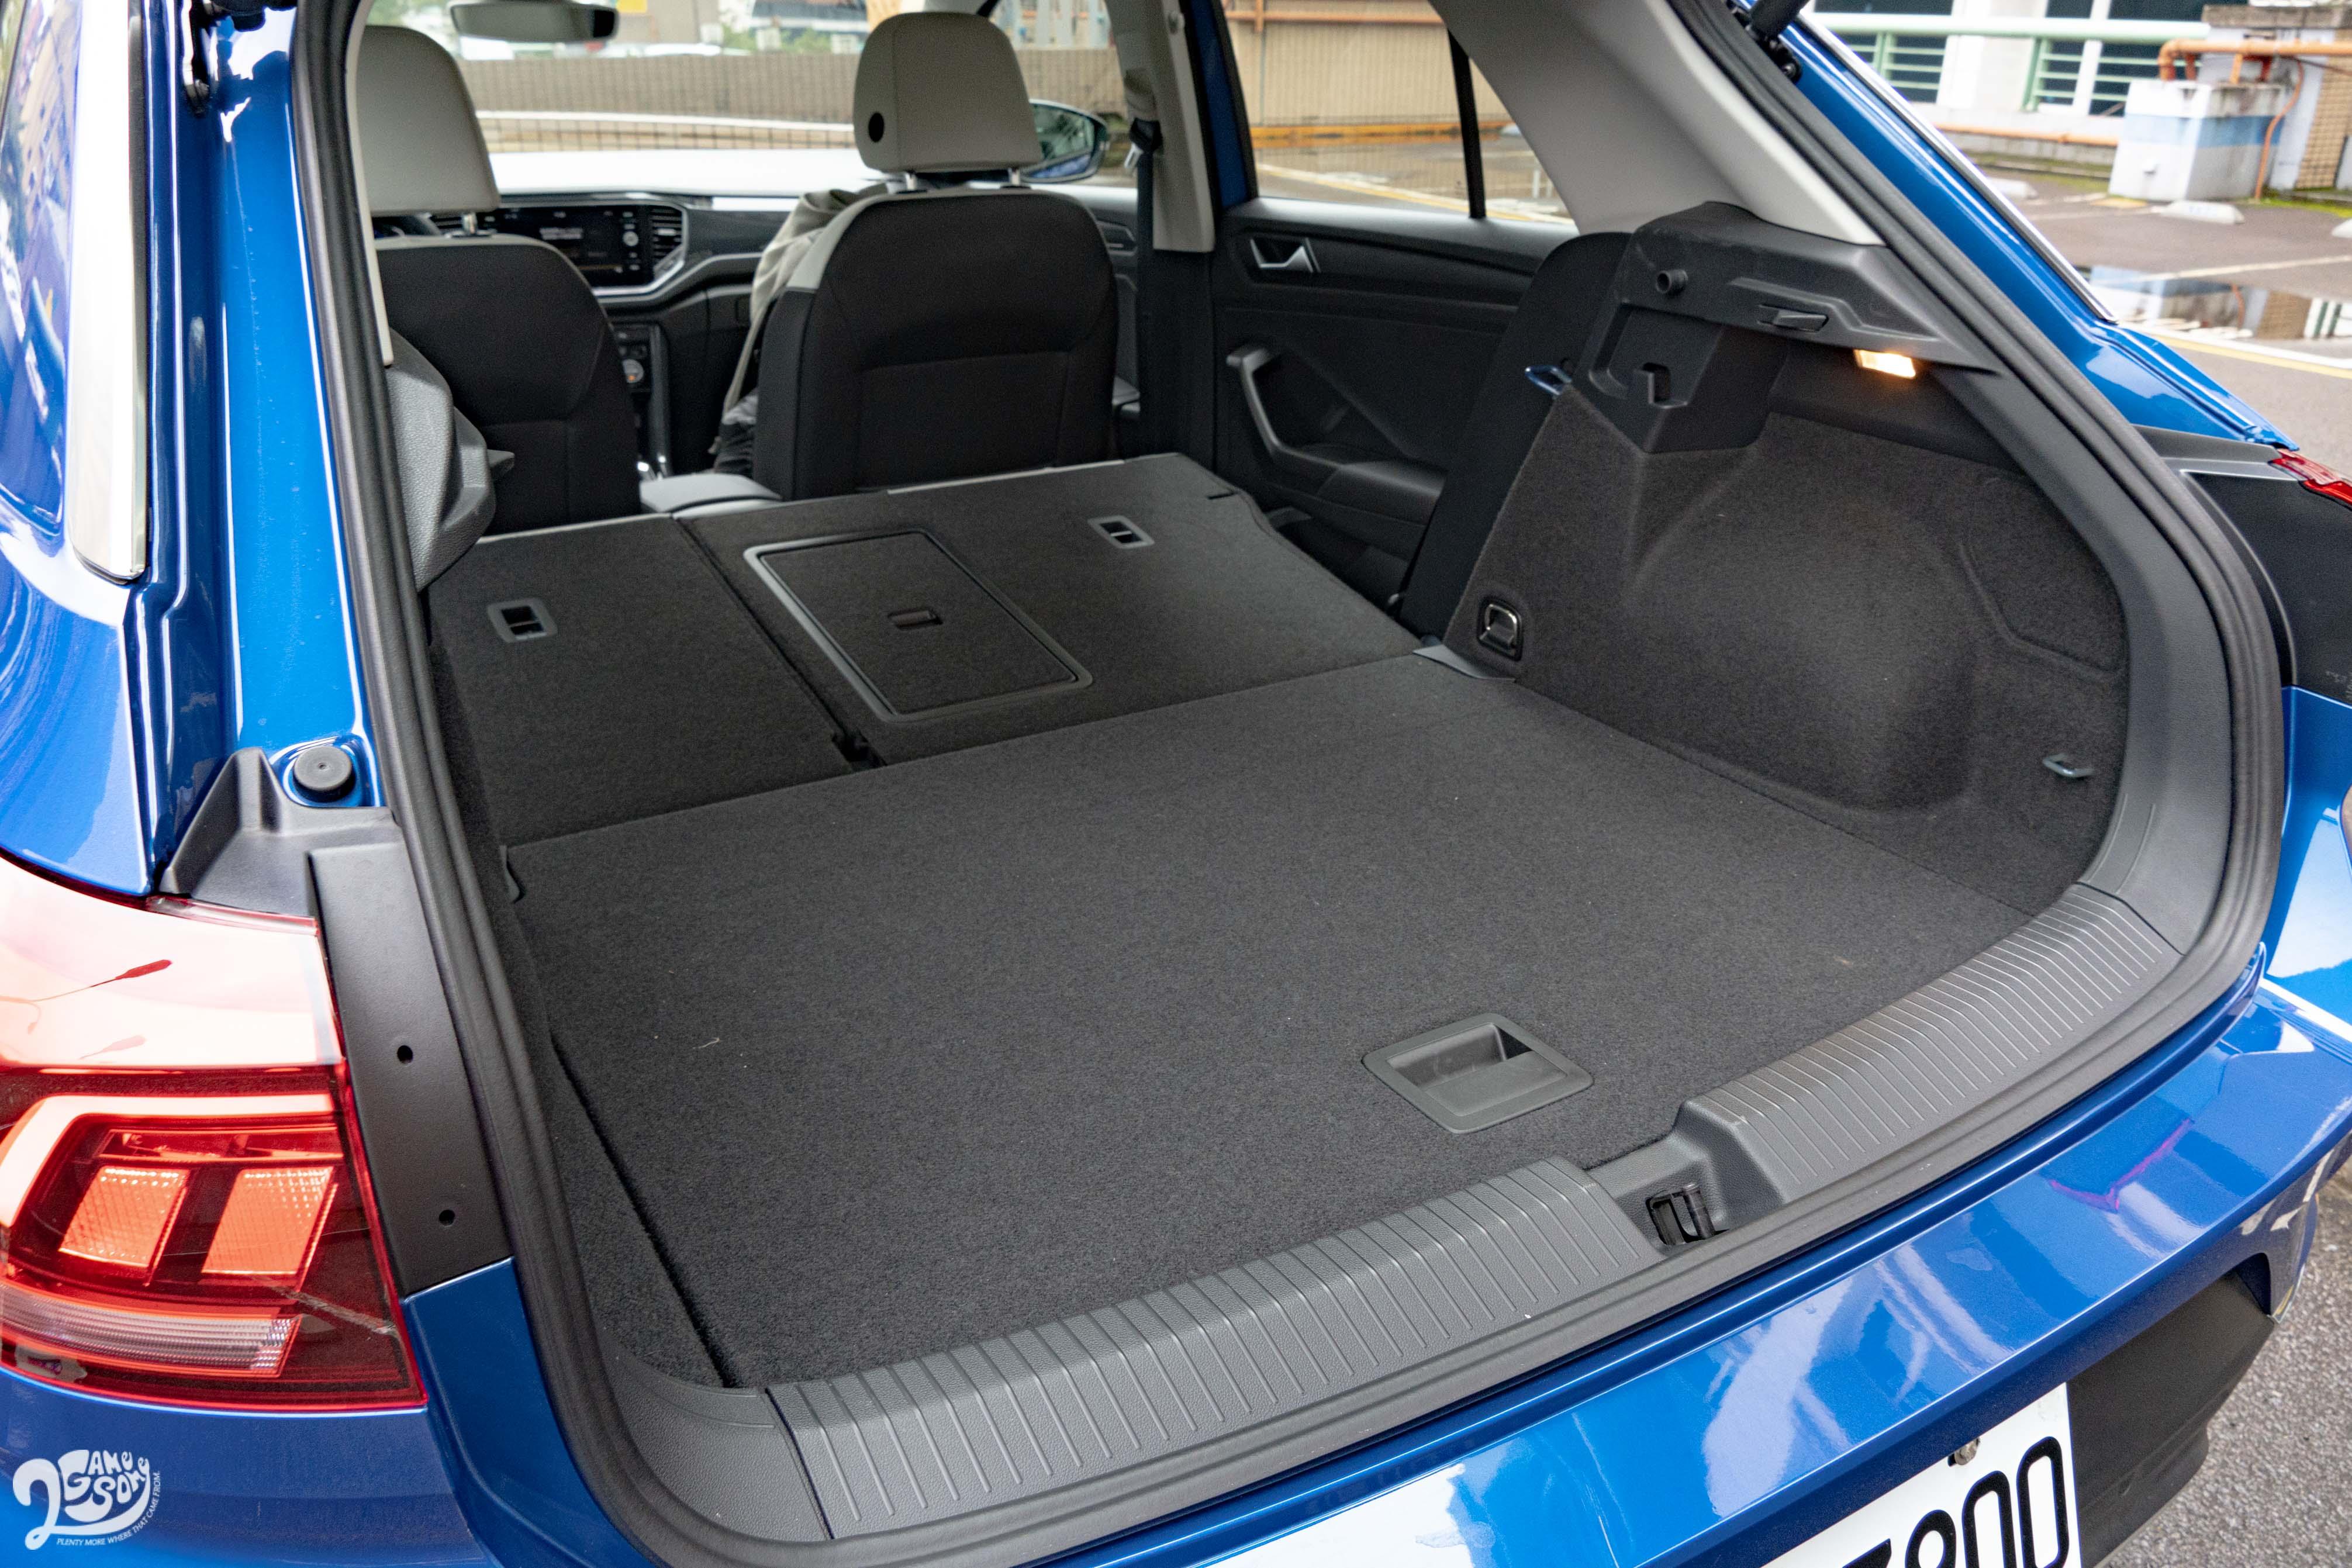 若把後座椅背往前傾倒,後廂容積可擴充至 1290 公升境界。